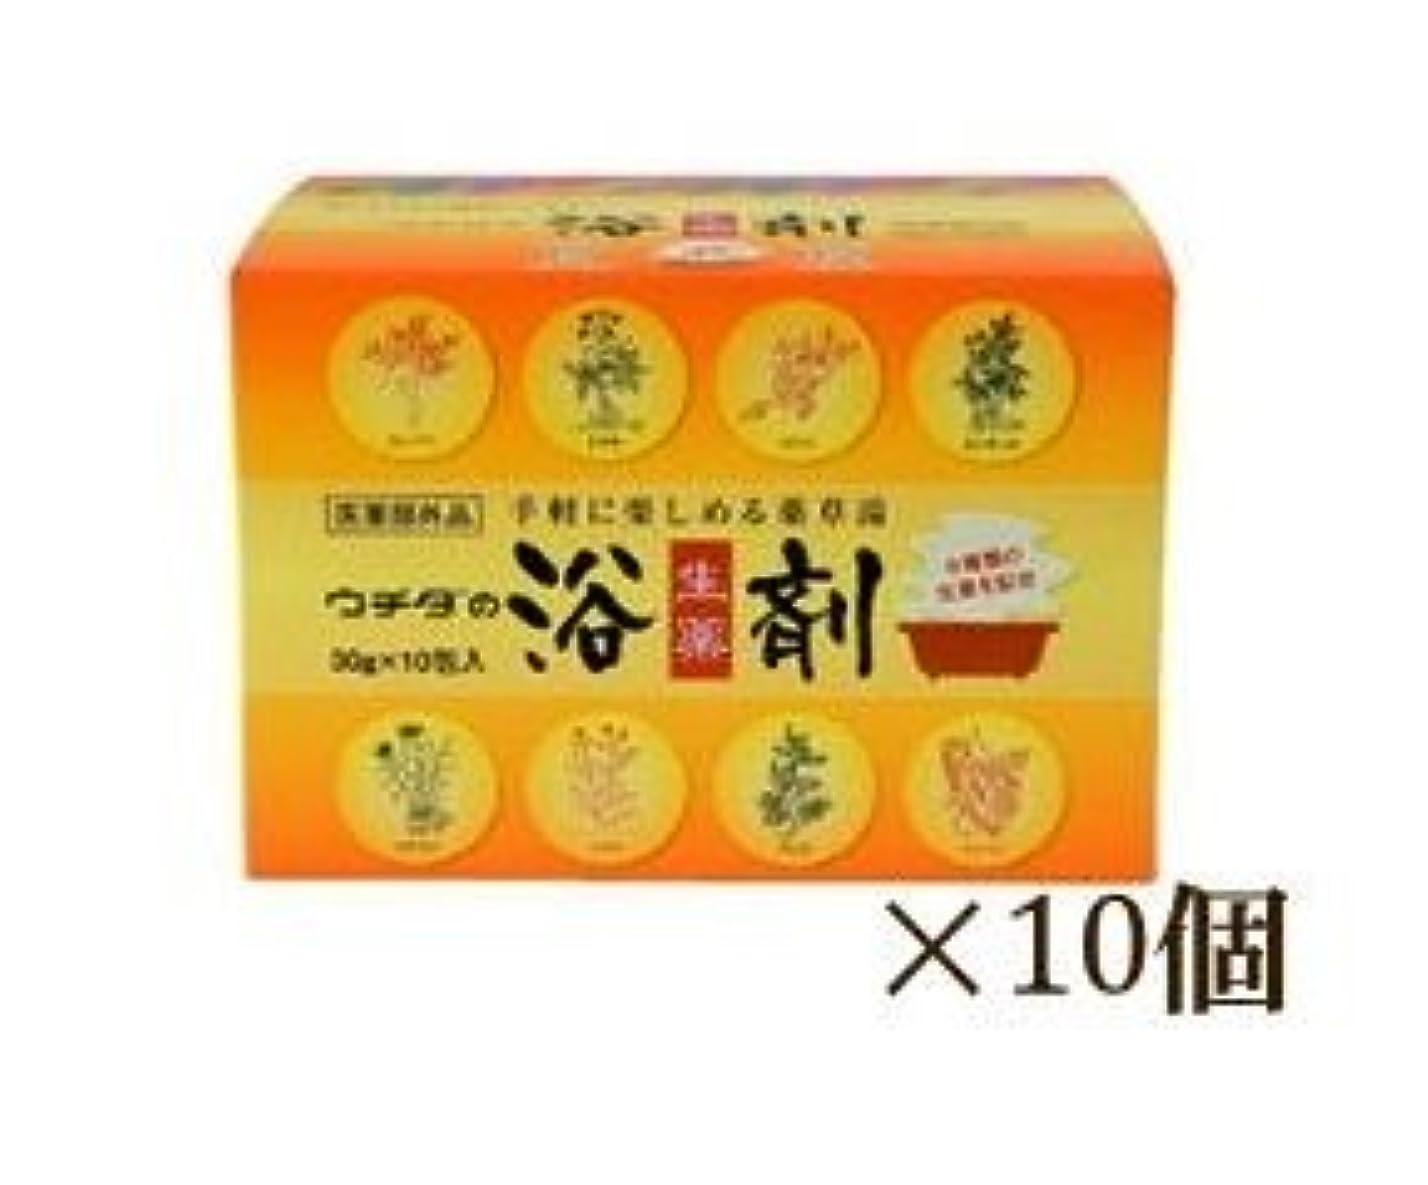 クモ名前帆ウチダの生薬浴剤 10箱セット (1箱30g×10包) 医薬部外品